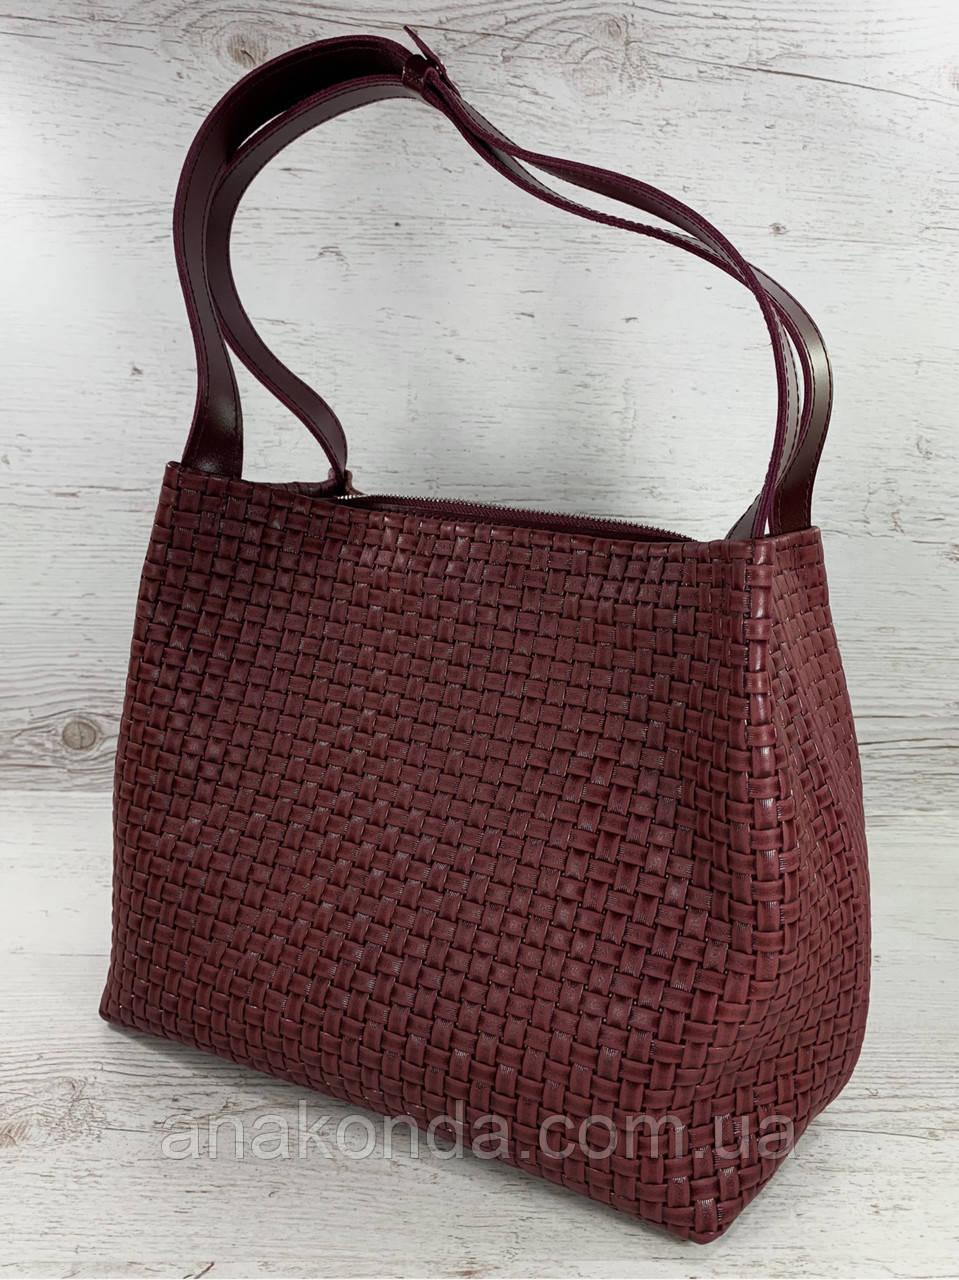 733 Натуральная кожа Бордовая женская сумка на плечо тиснение 3D кожаная бордовая женская сумка мягкая